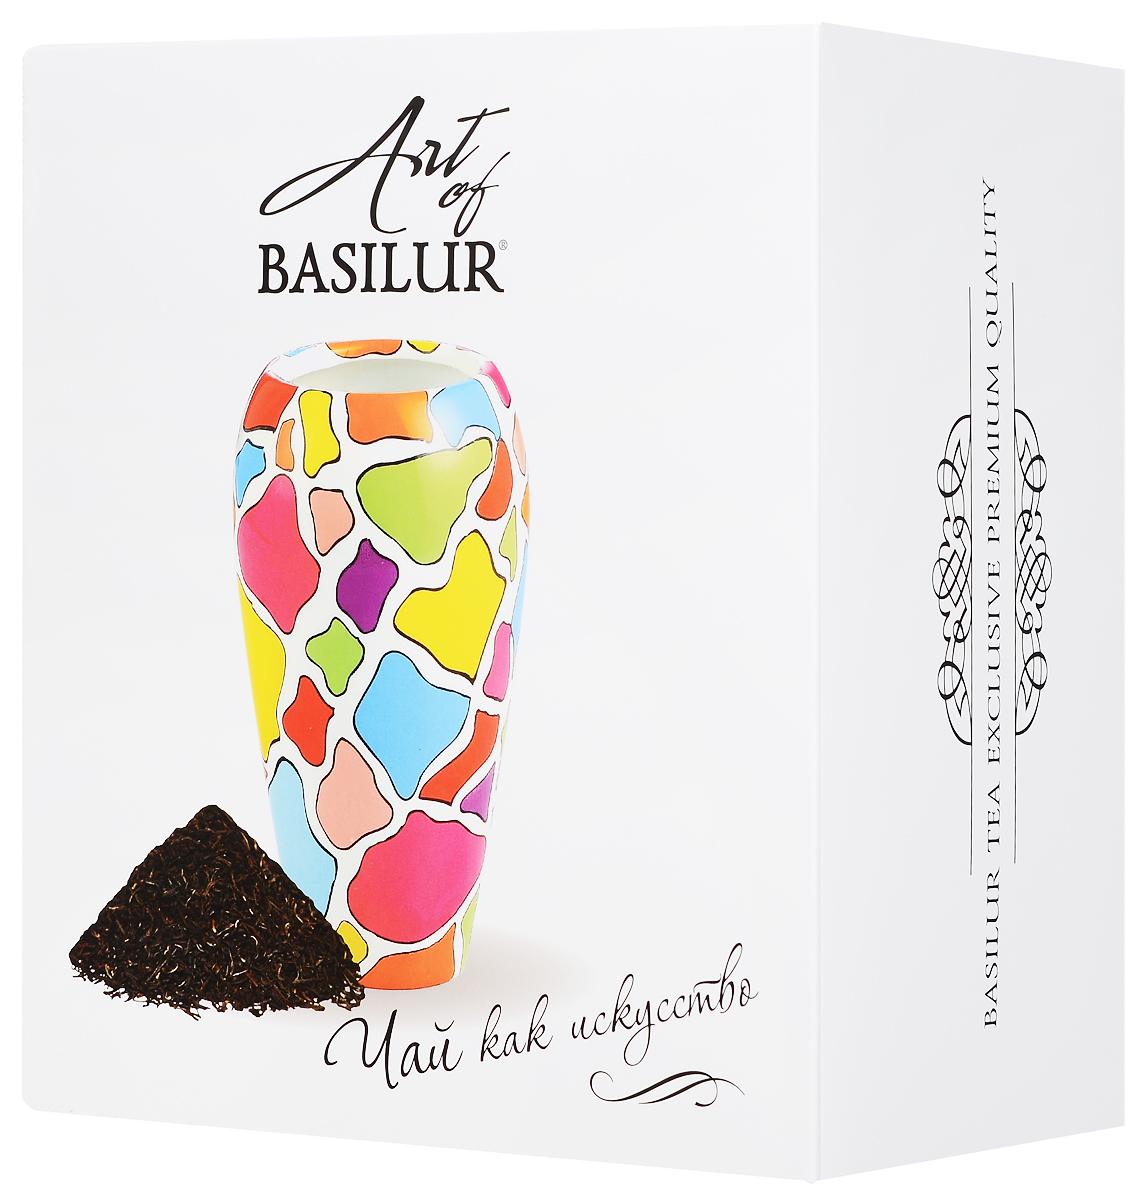 где купить Basilur Strawberry And Kiwi черный листовой чай + ваза Венера Мозаика, 100 г по лучшей цене